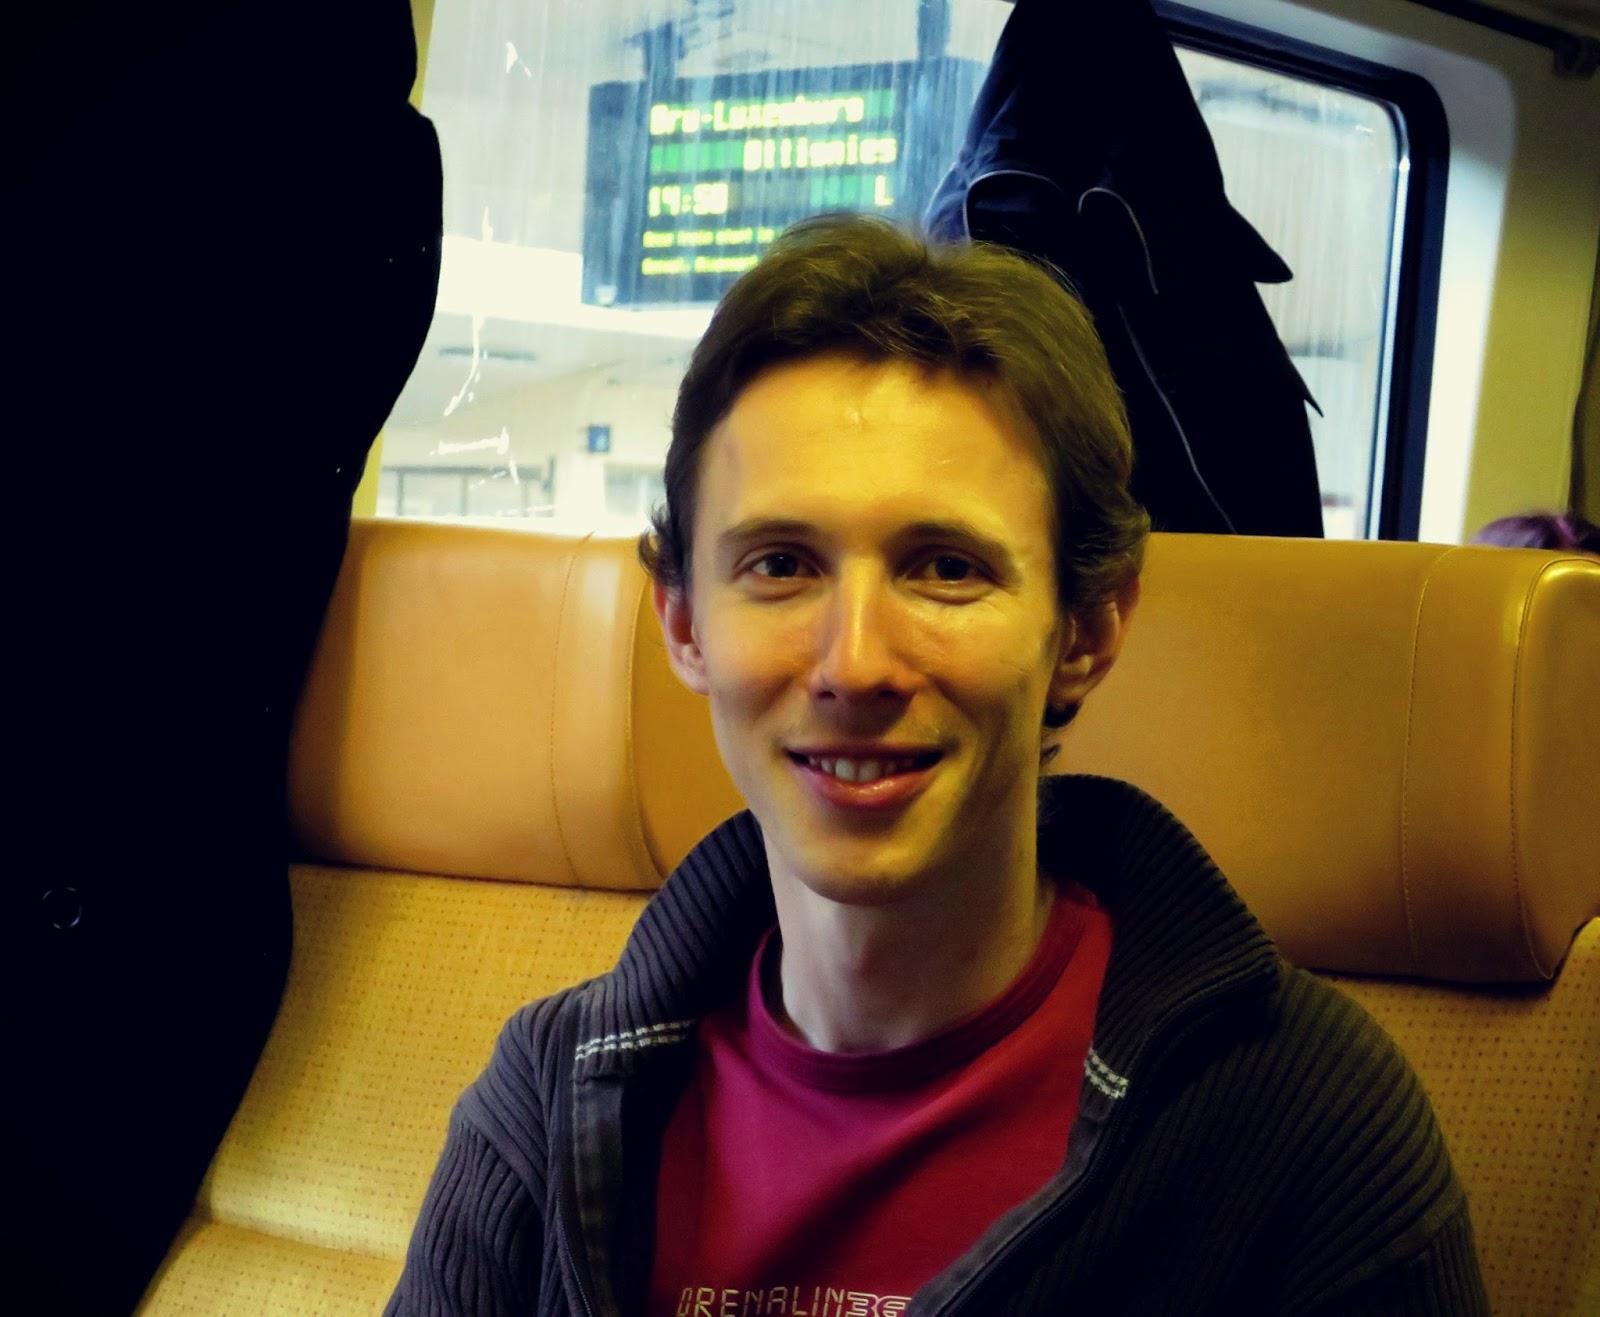 Studentul ANULUI în EUROPA este un ROMÂN! George-Cristian Potrivitu Bocăneț din Humuleşti a reușit o performanță uluitoare